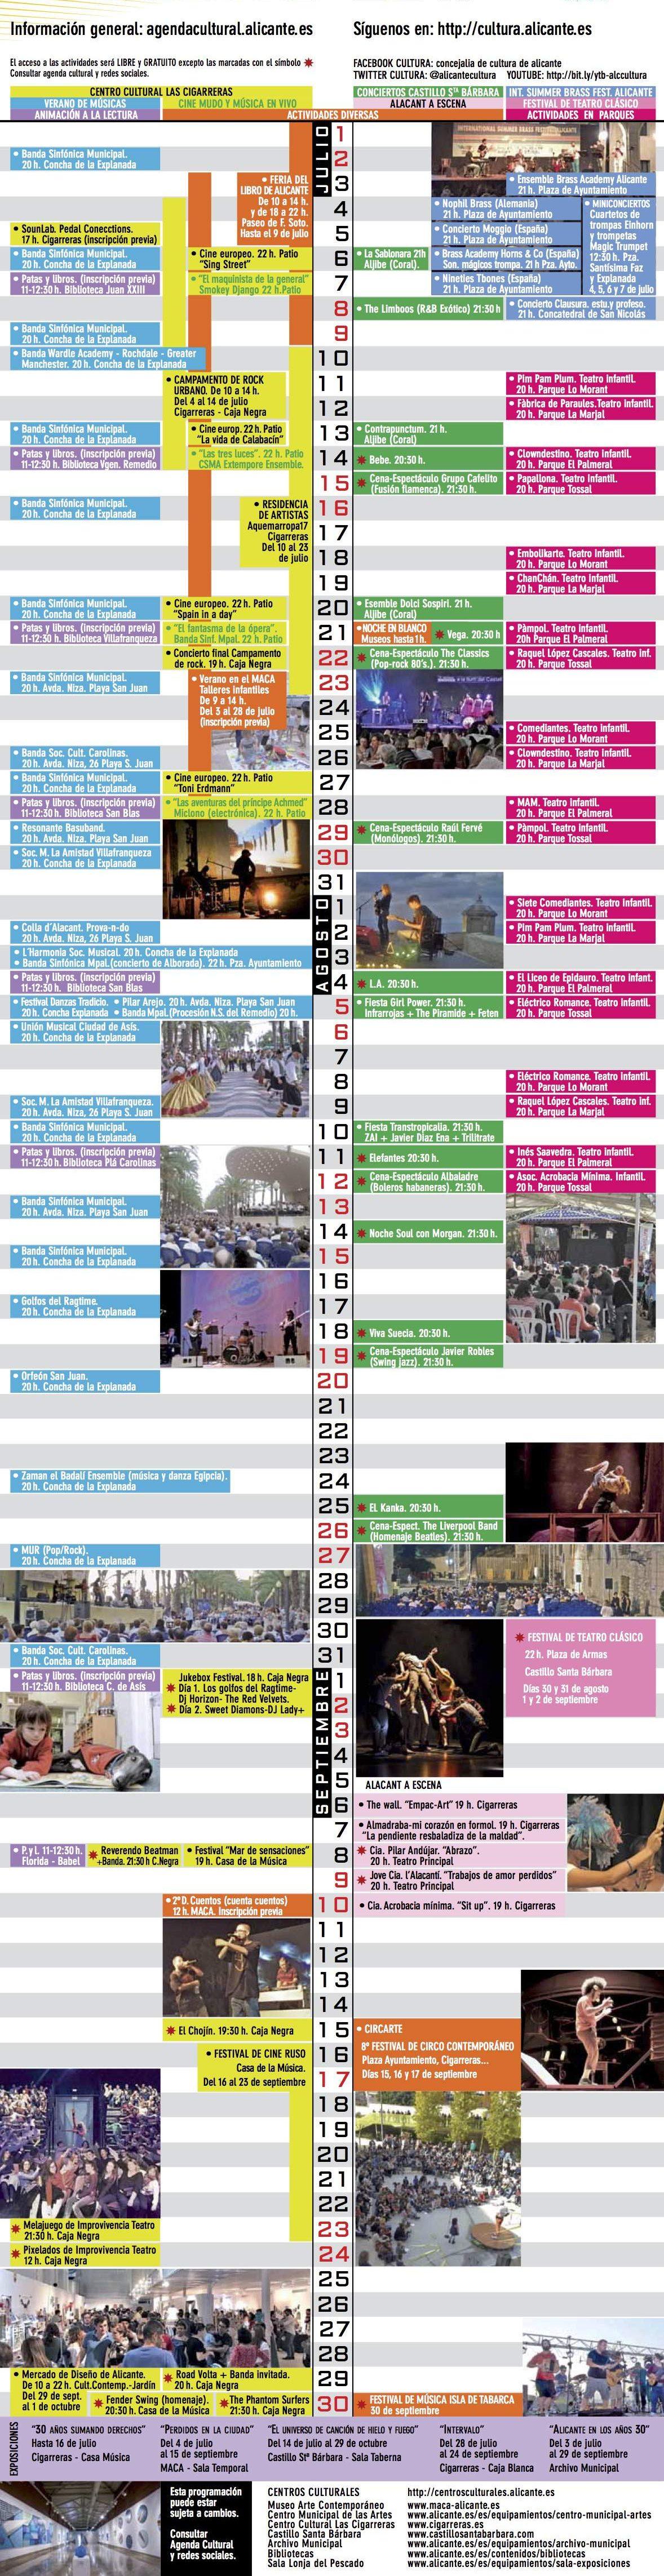 Estiu Cultural: Programación para los meses de julio, agosto y septiembre en ARTE CINE ESCENA ESTILO DE VIDA FOTOGRAFIA LETRAS MÚSICA